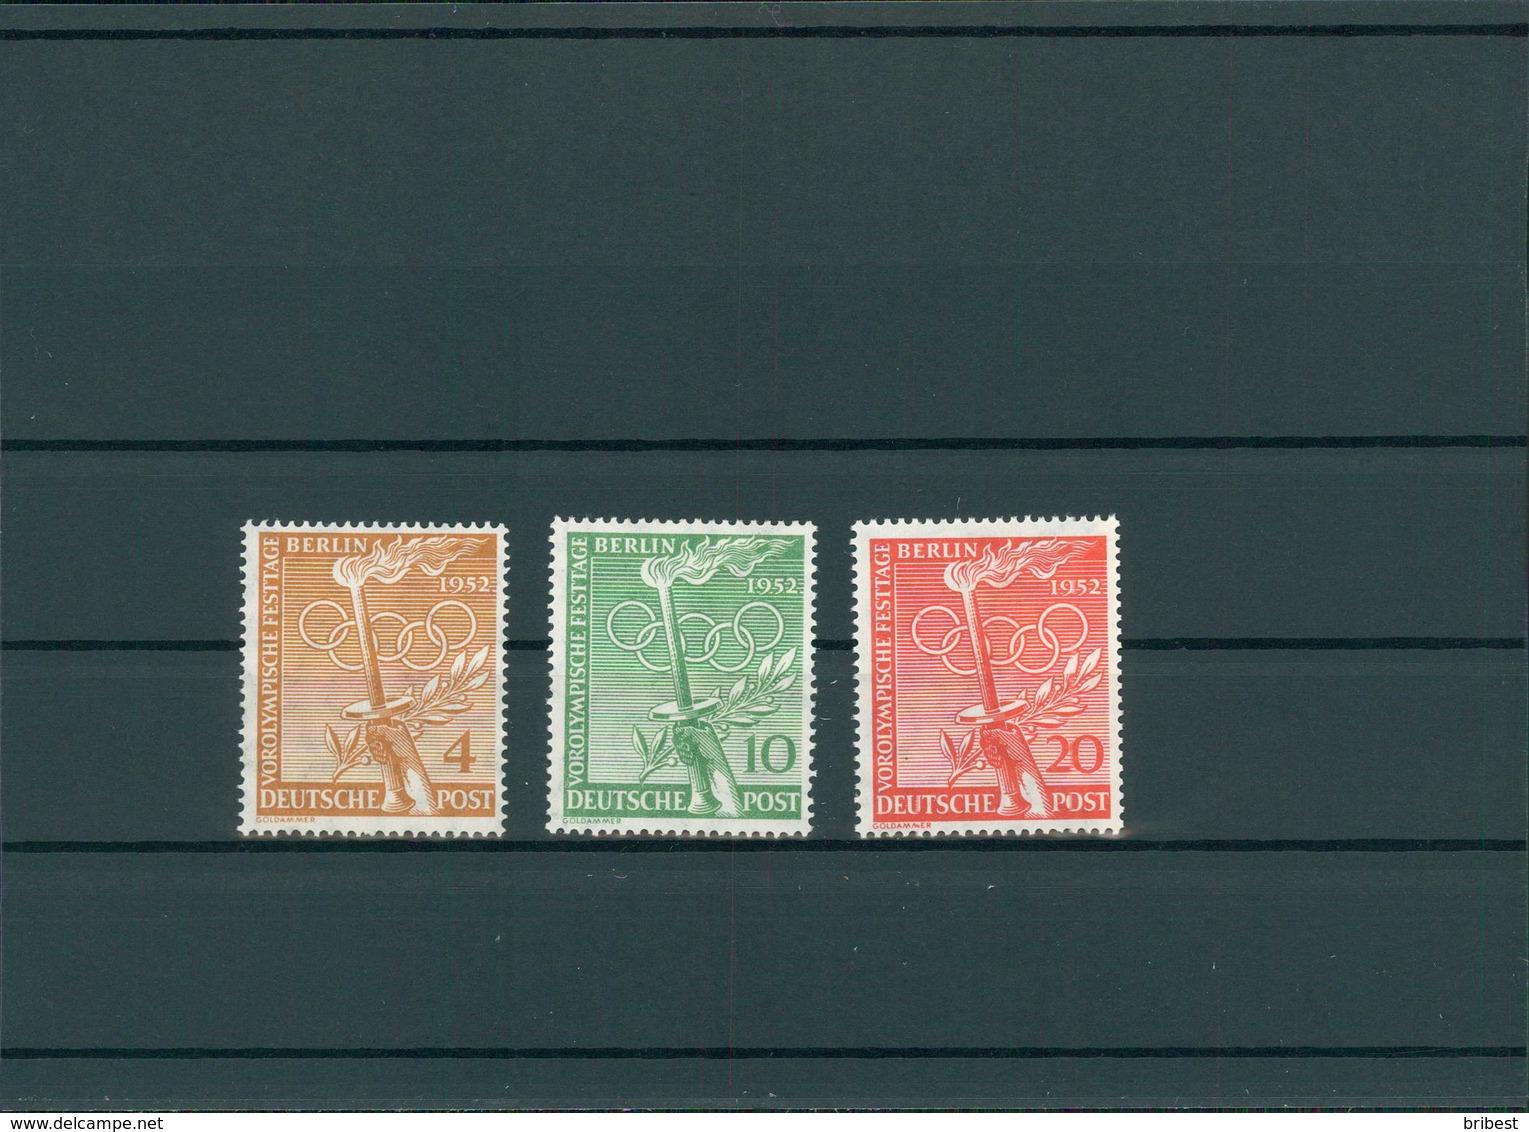 BERLIN 1953 Nr 88-90 Postfrisch (200080) - Ohne Zuordnung